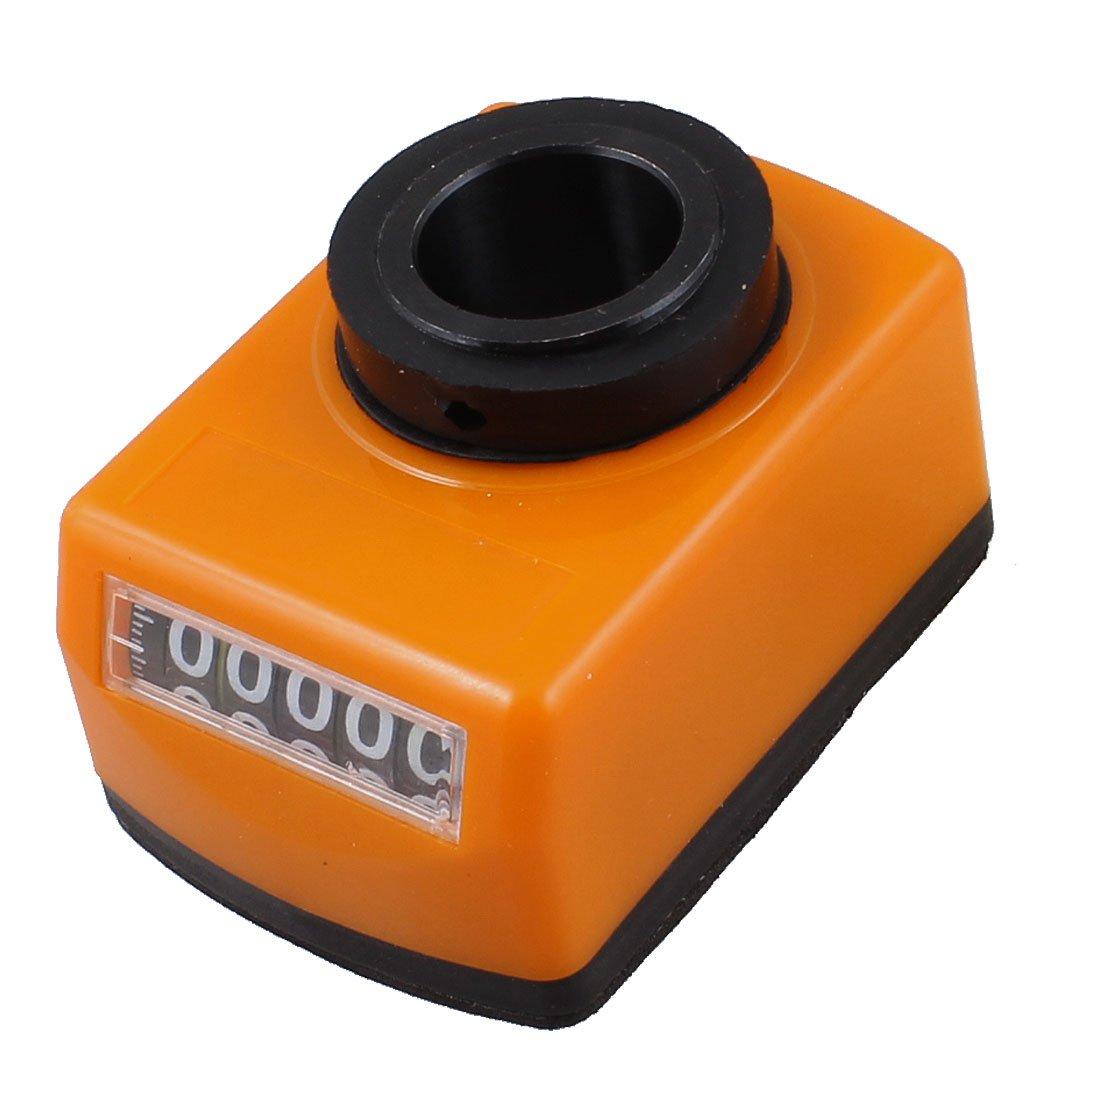 Sourcingmap a12120300ux0056 - Má quina del torno parte diá metro de 20 mm indicador de posició n de 5 dí gitos digitales negro naranja